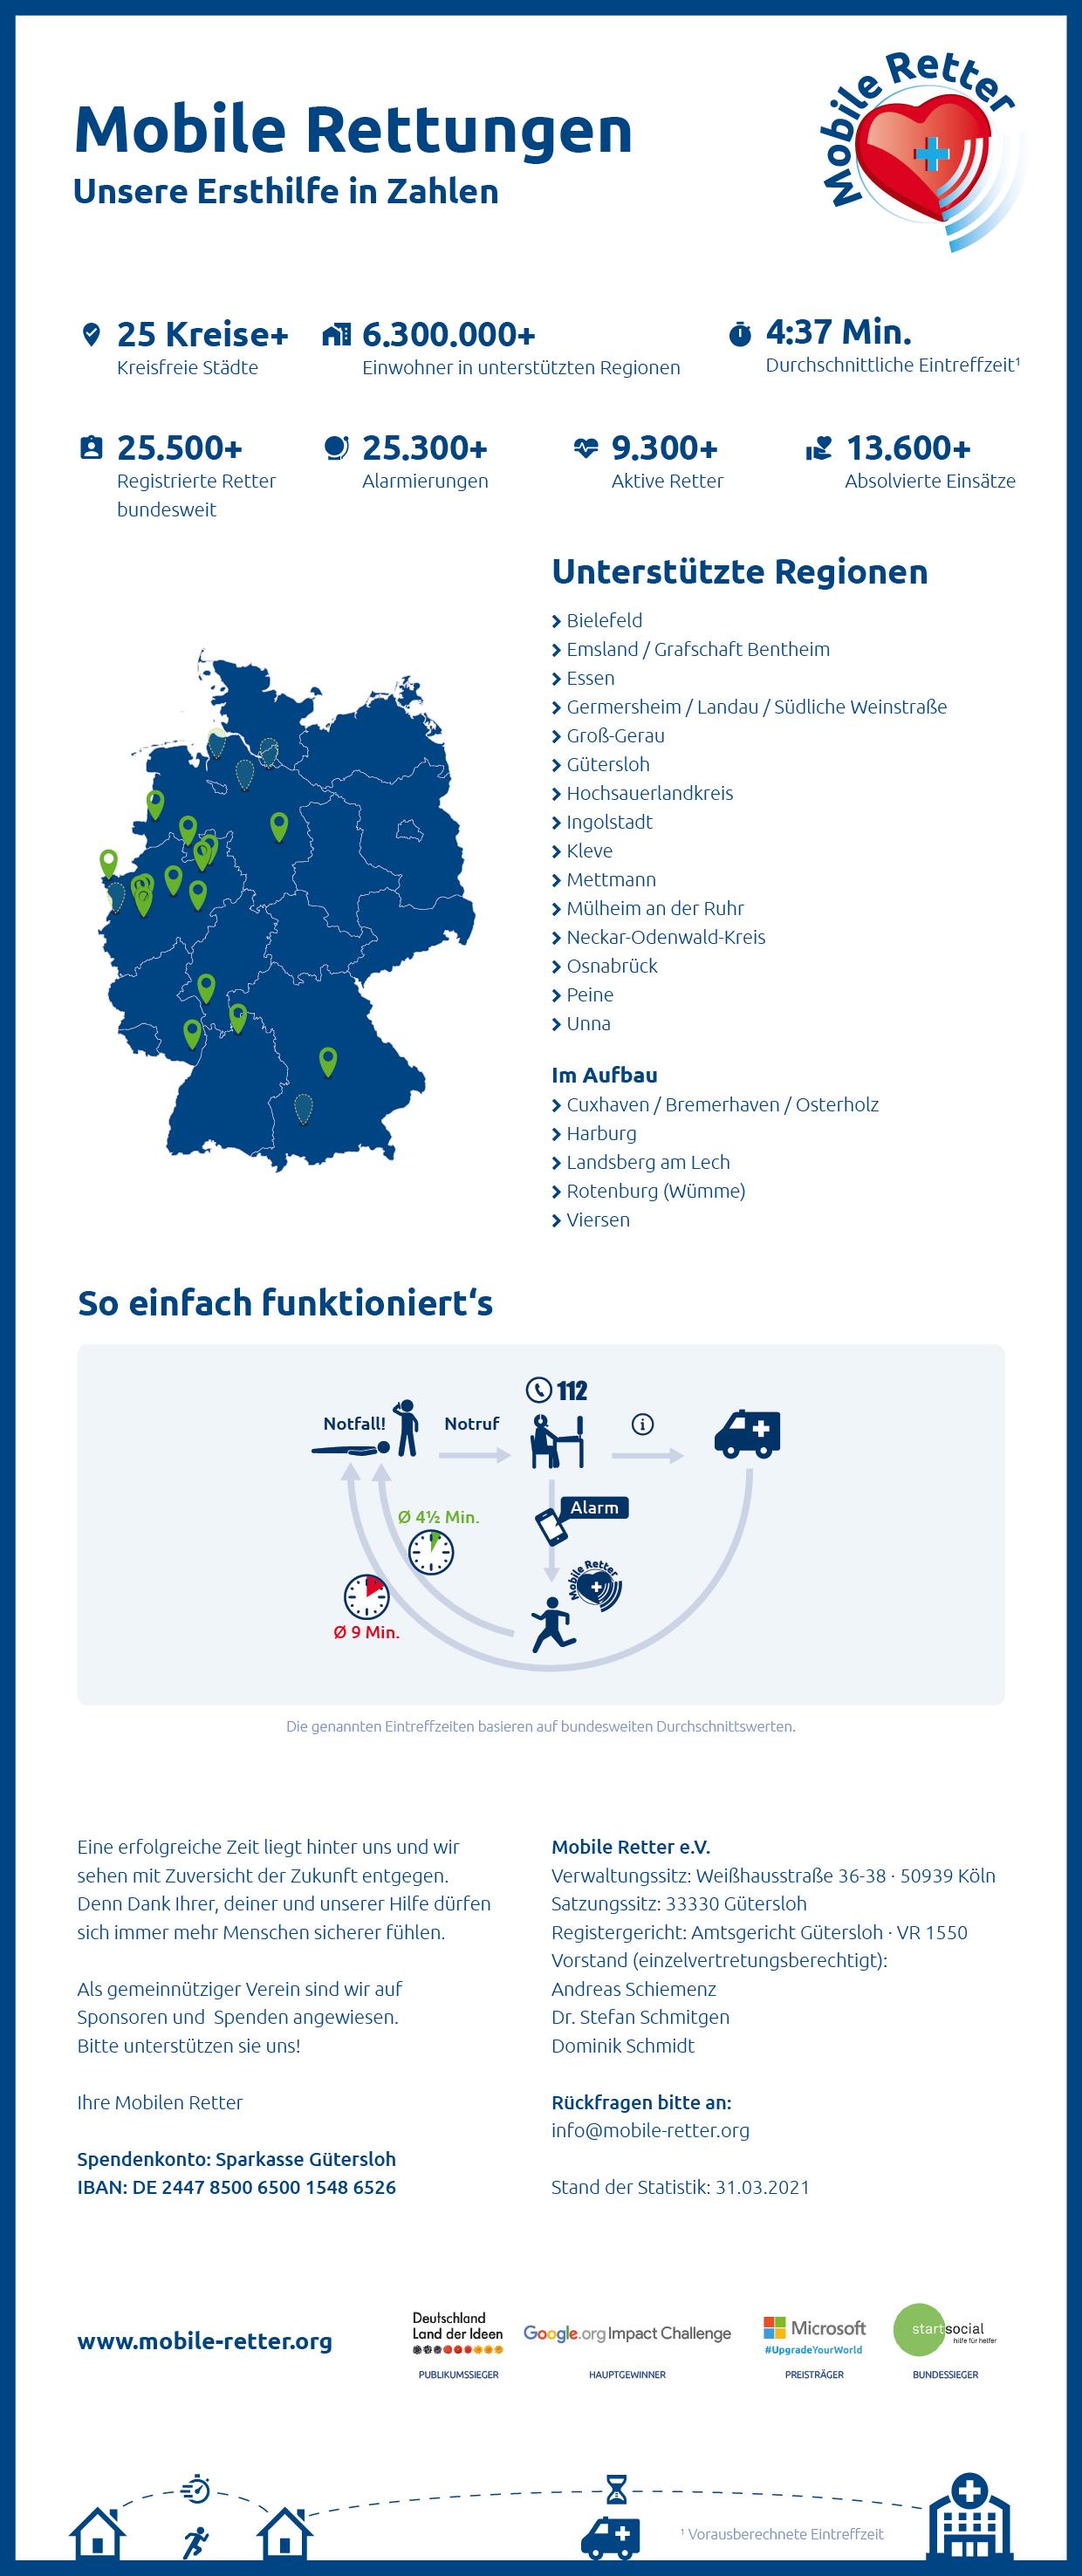 mobile-retter-infografik-2021-03-31